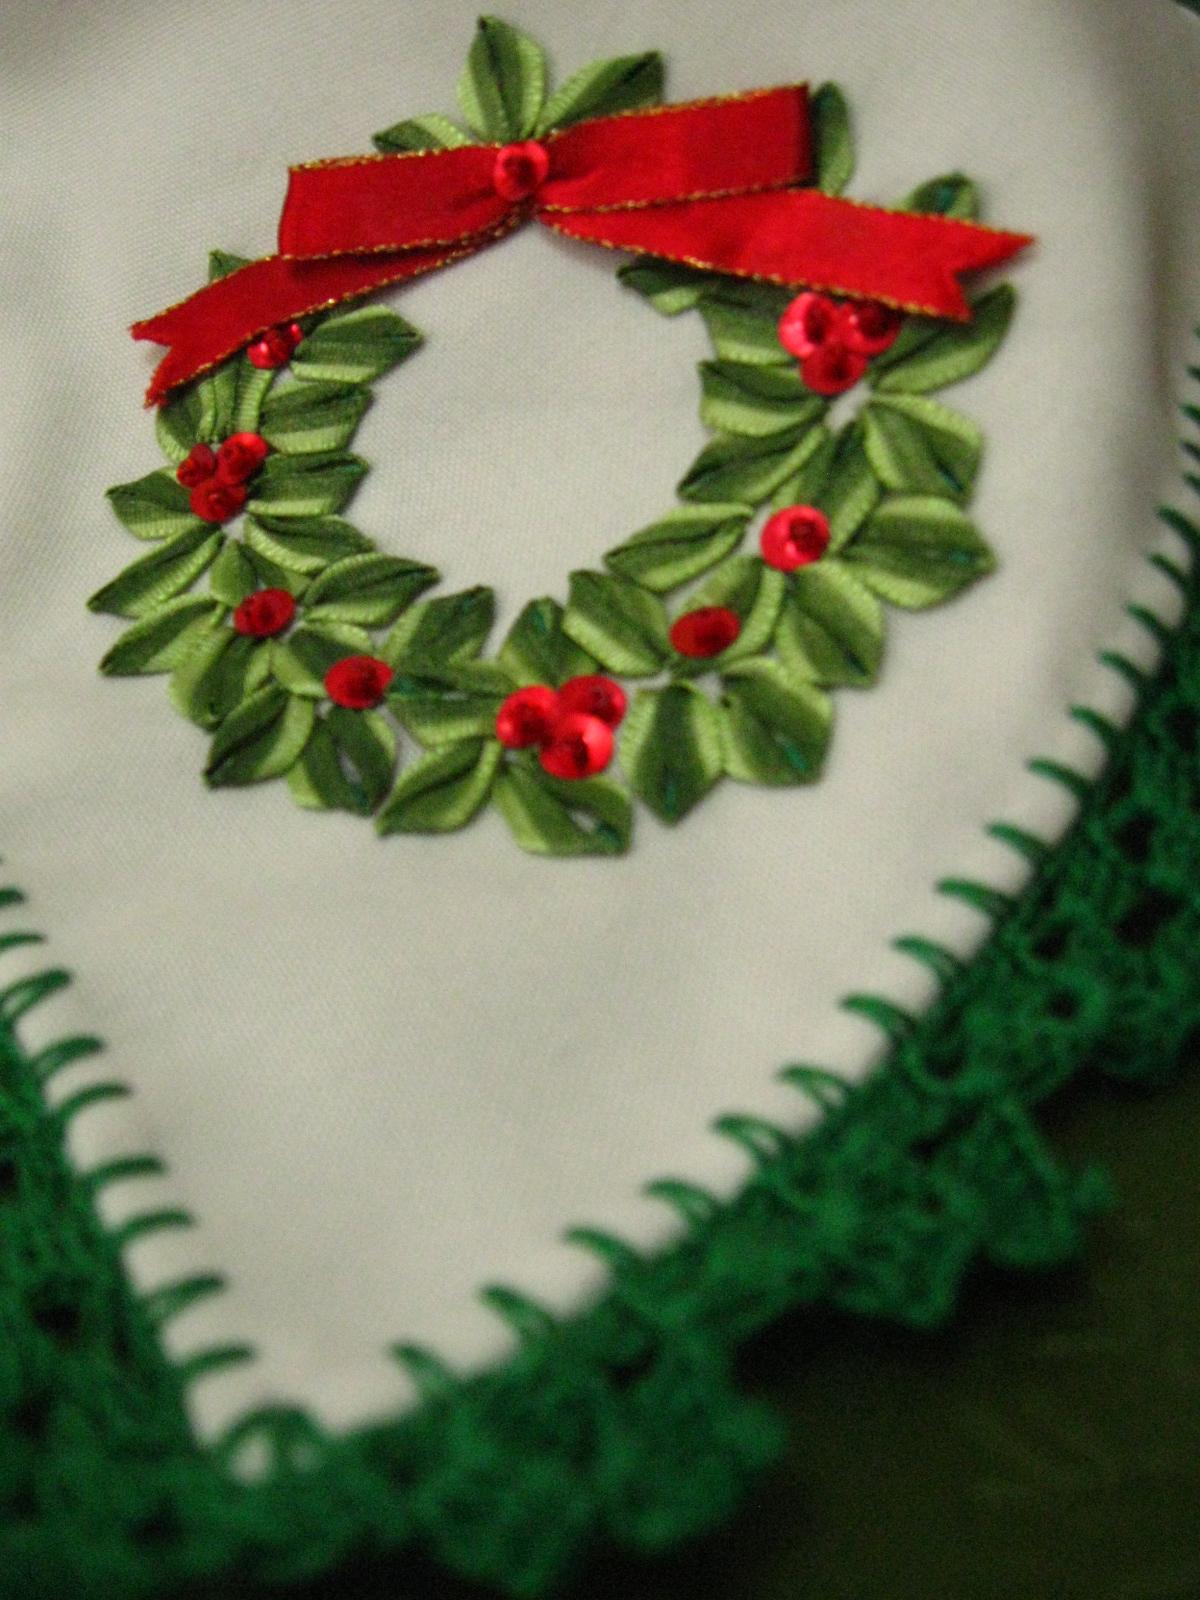 Bordados en cinta navide os imagui - Dibujos navidenos para bordar ...